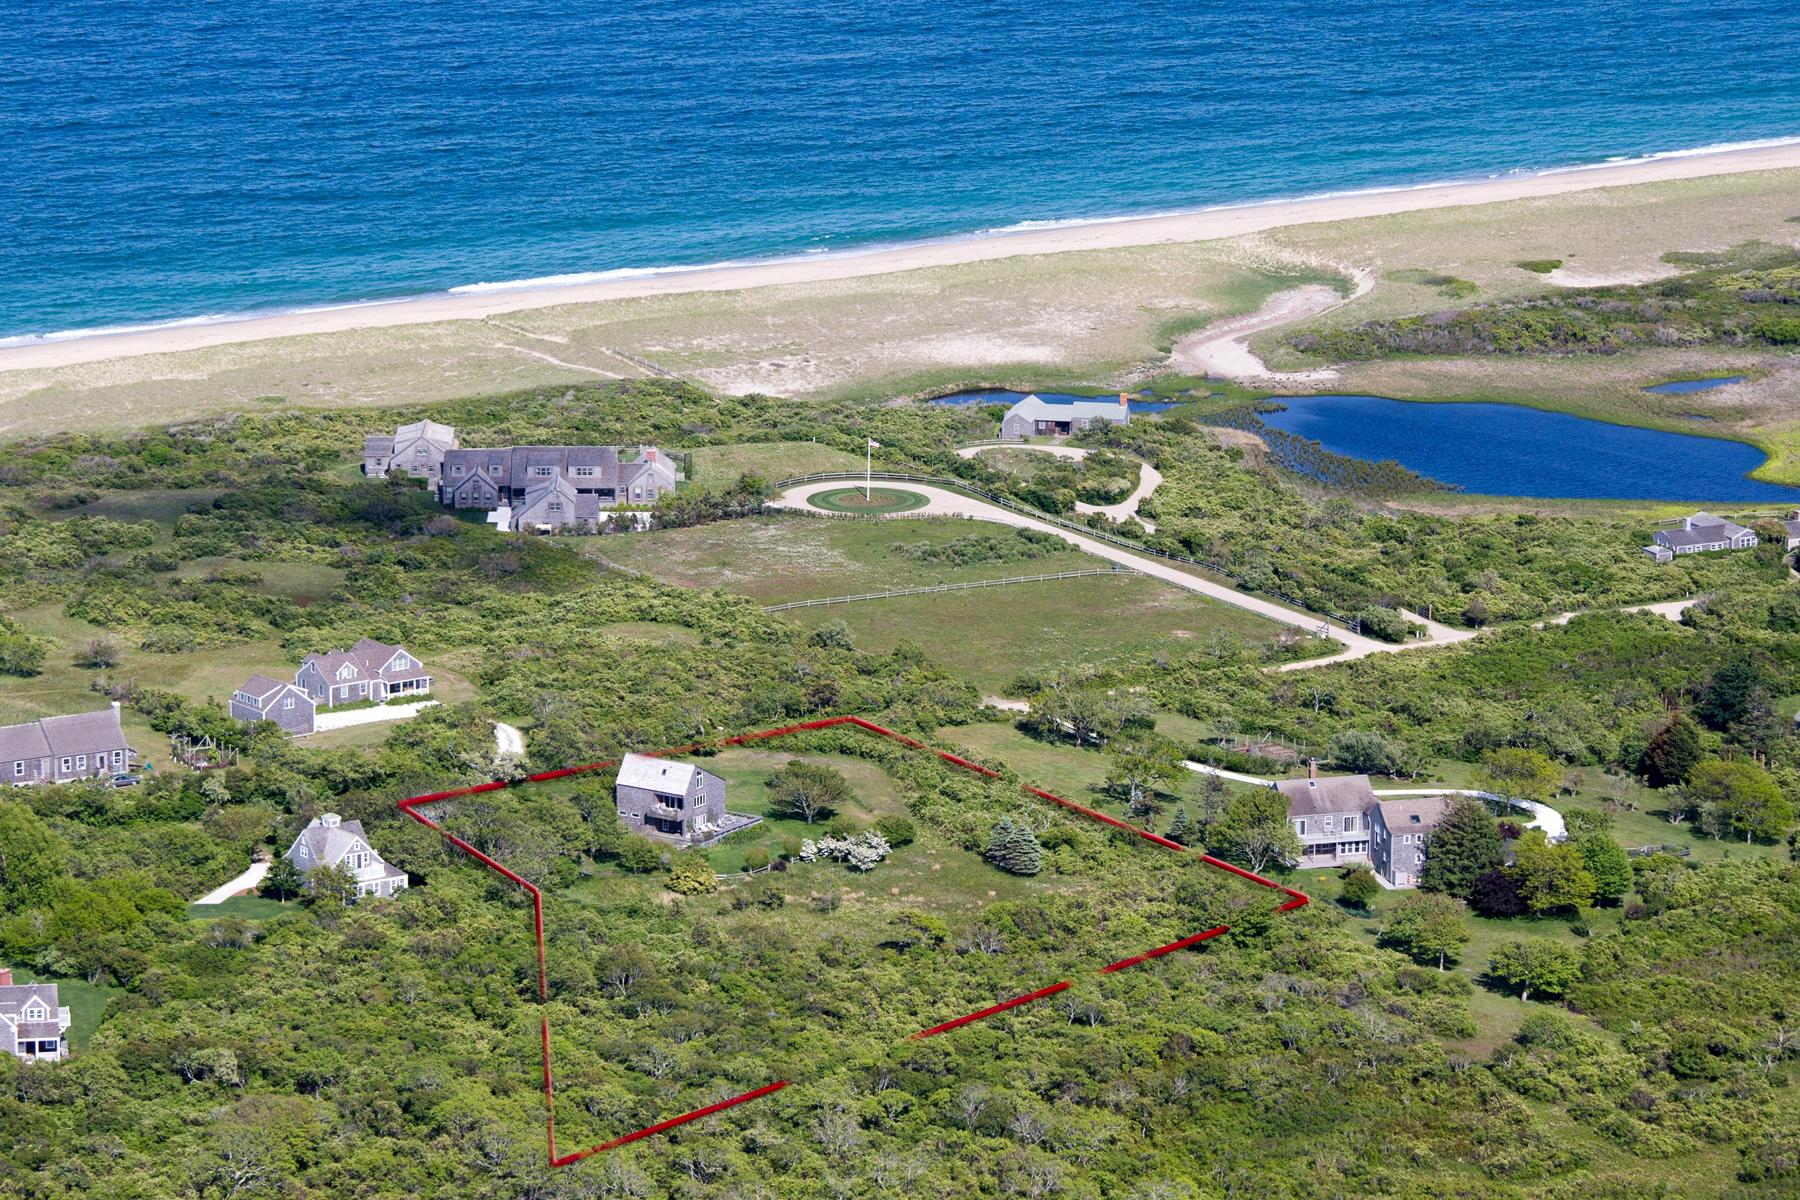 Maison unifamiliale pour l Vente à Gorgeous Unobstructed Water Views! 56 Squam Road 58 Squam Road Nantucket, Massachusetts, 02554 États-Unis